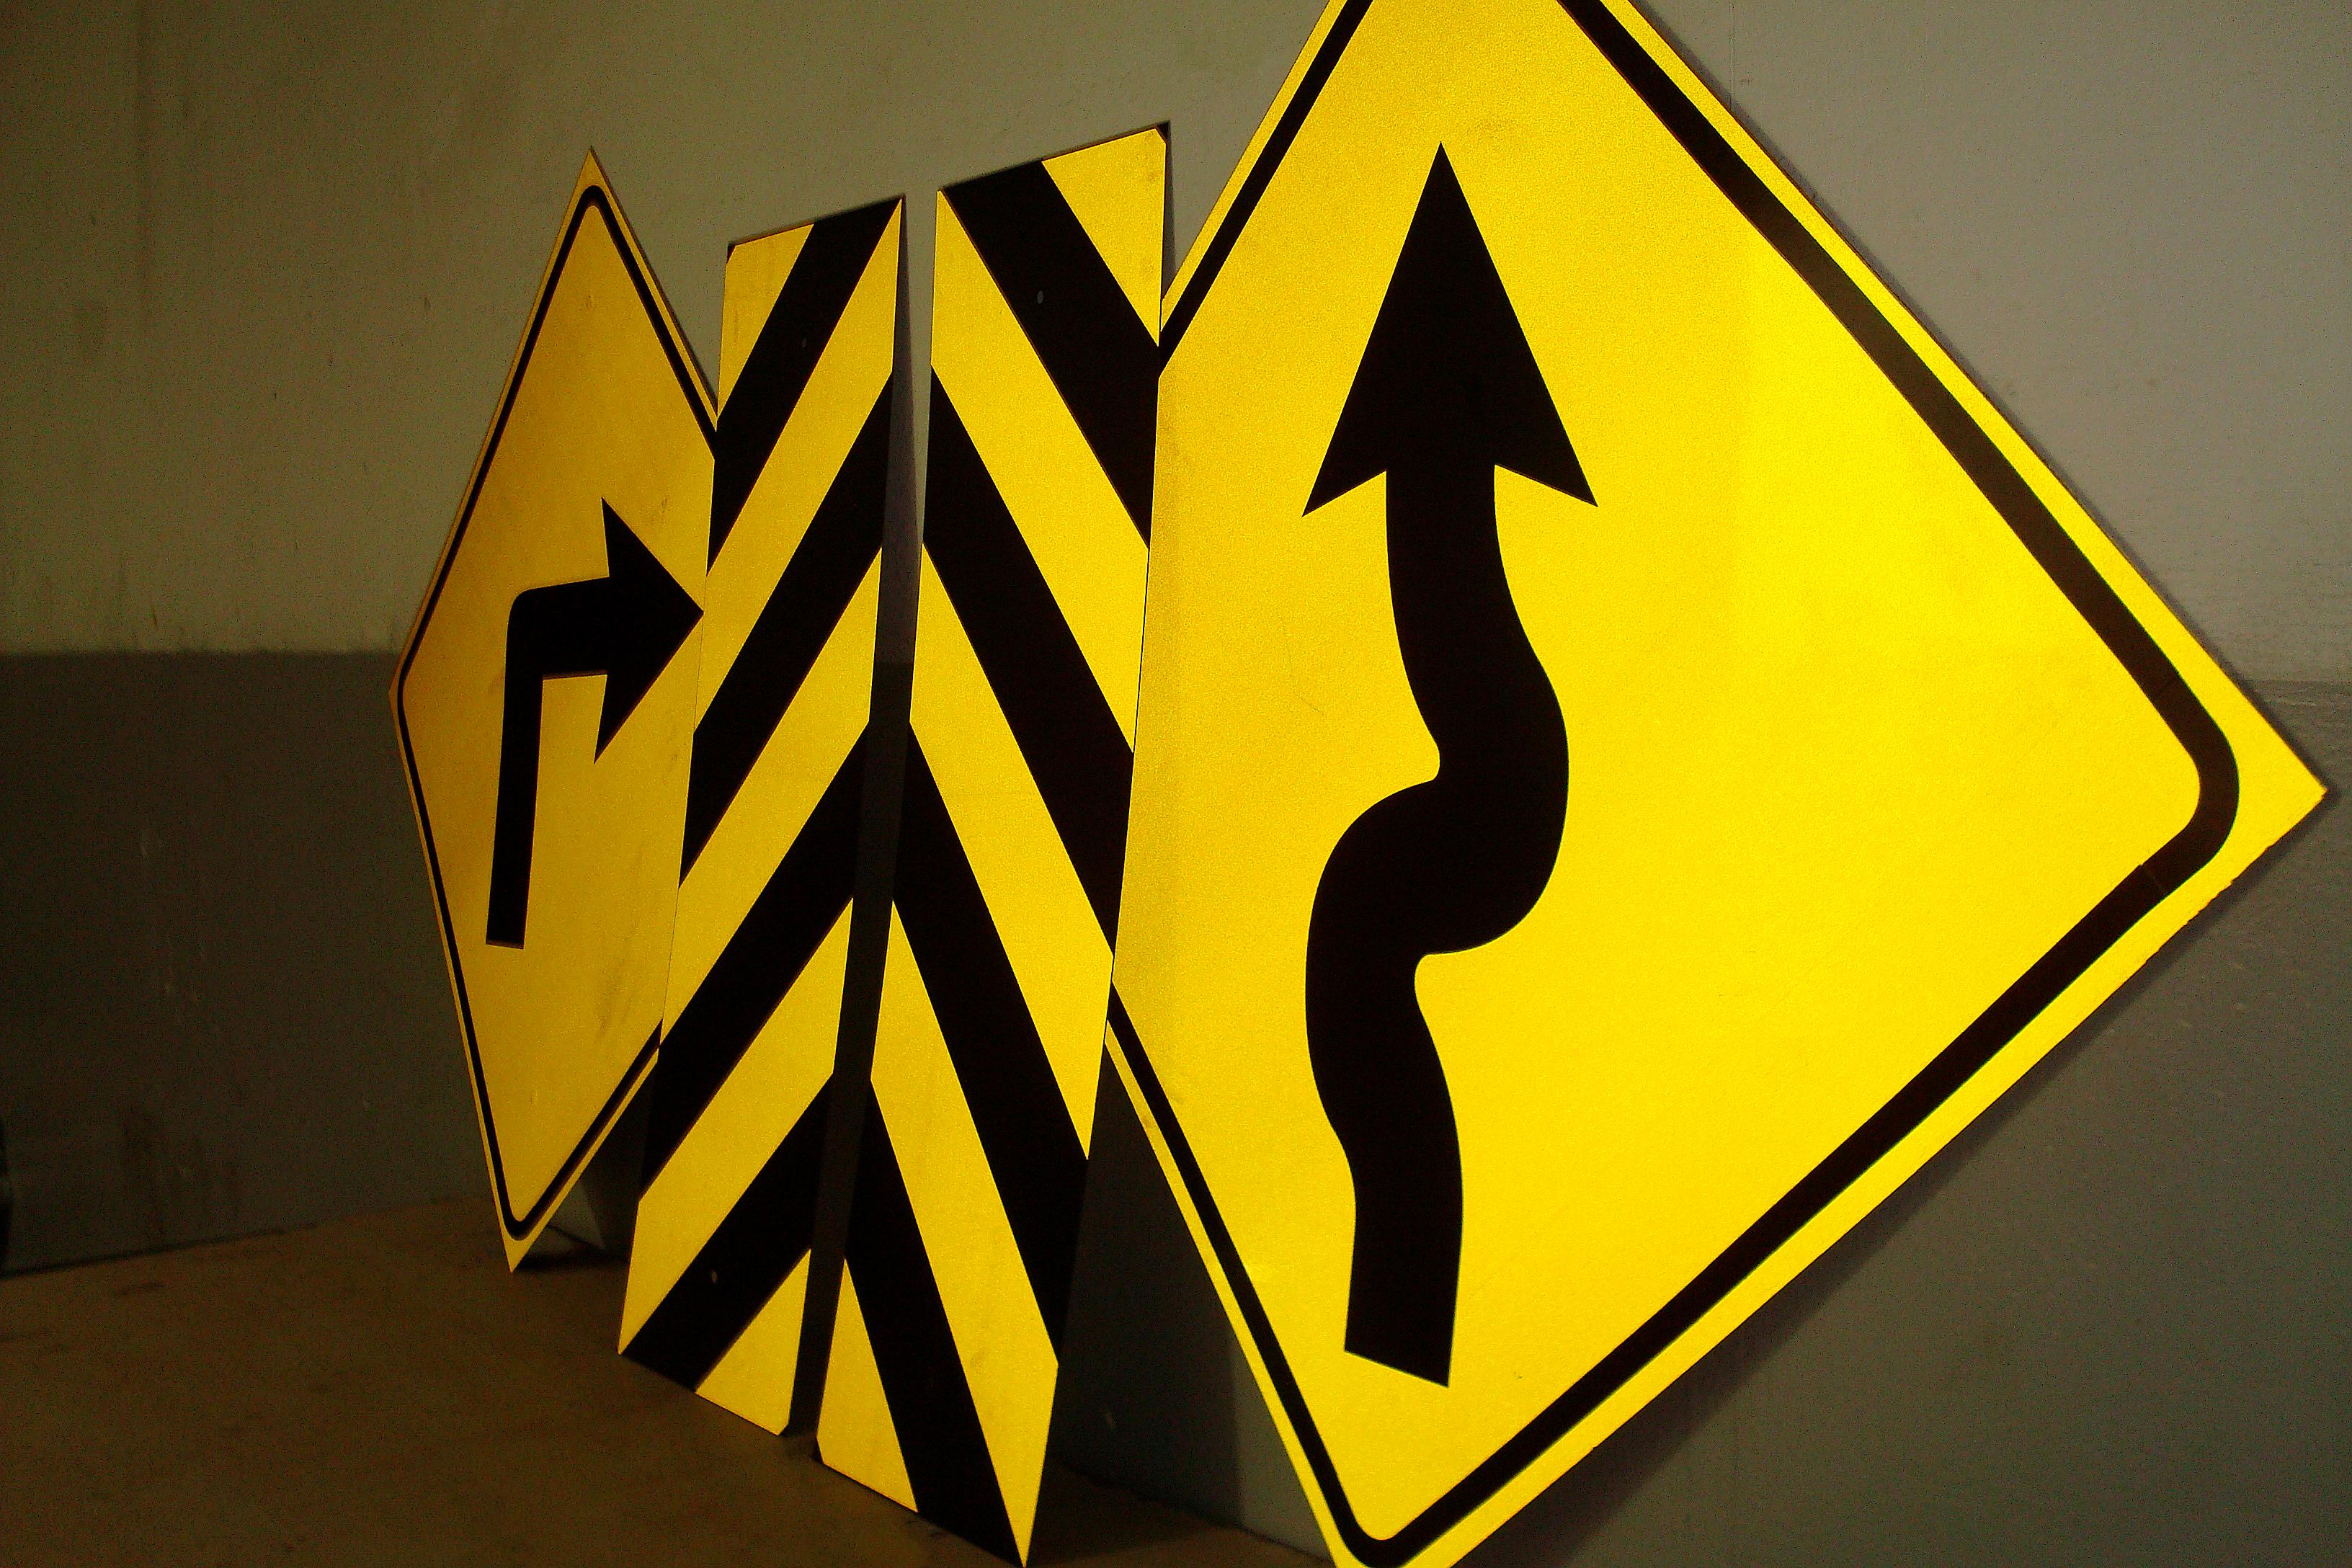 Placa de Trânsito, Placa Rodoviária.